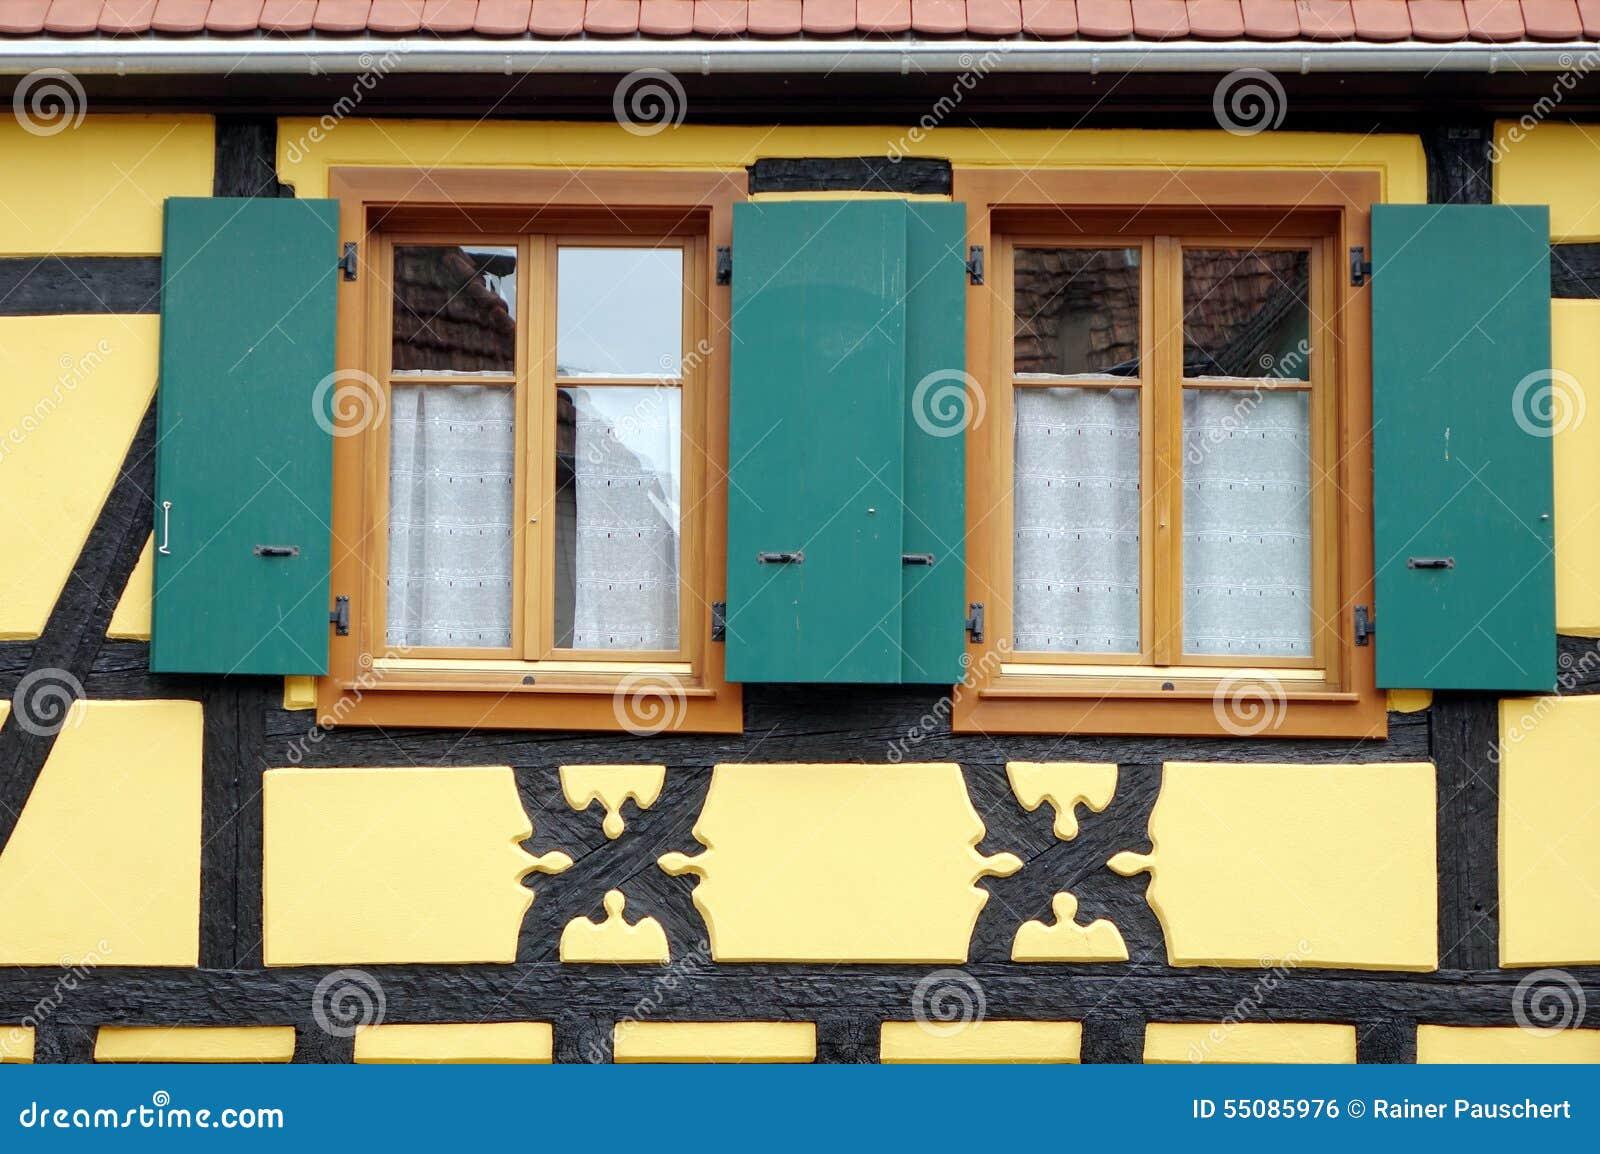 Grune Fensterfensterladen Eines Gelben Hauses Stockfoto Bild Von